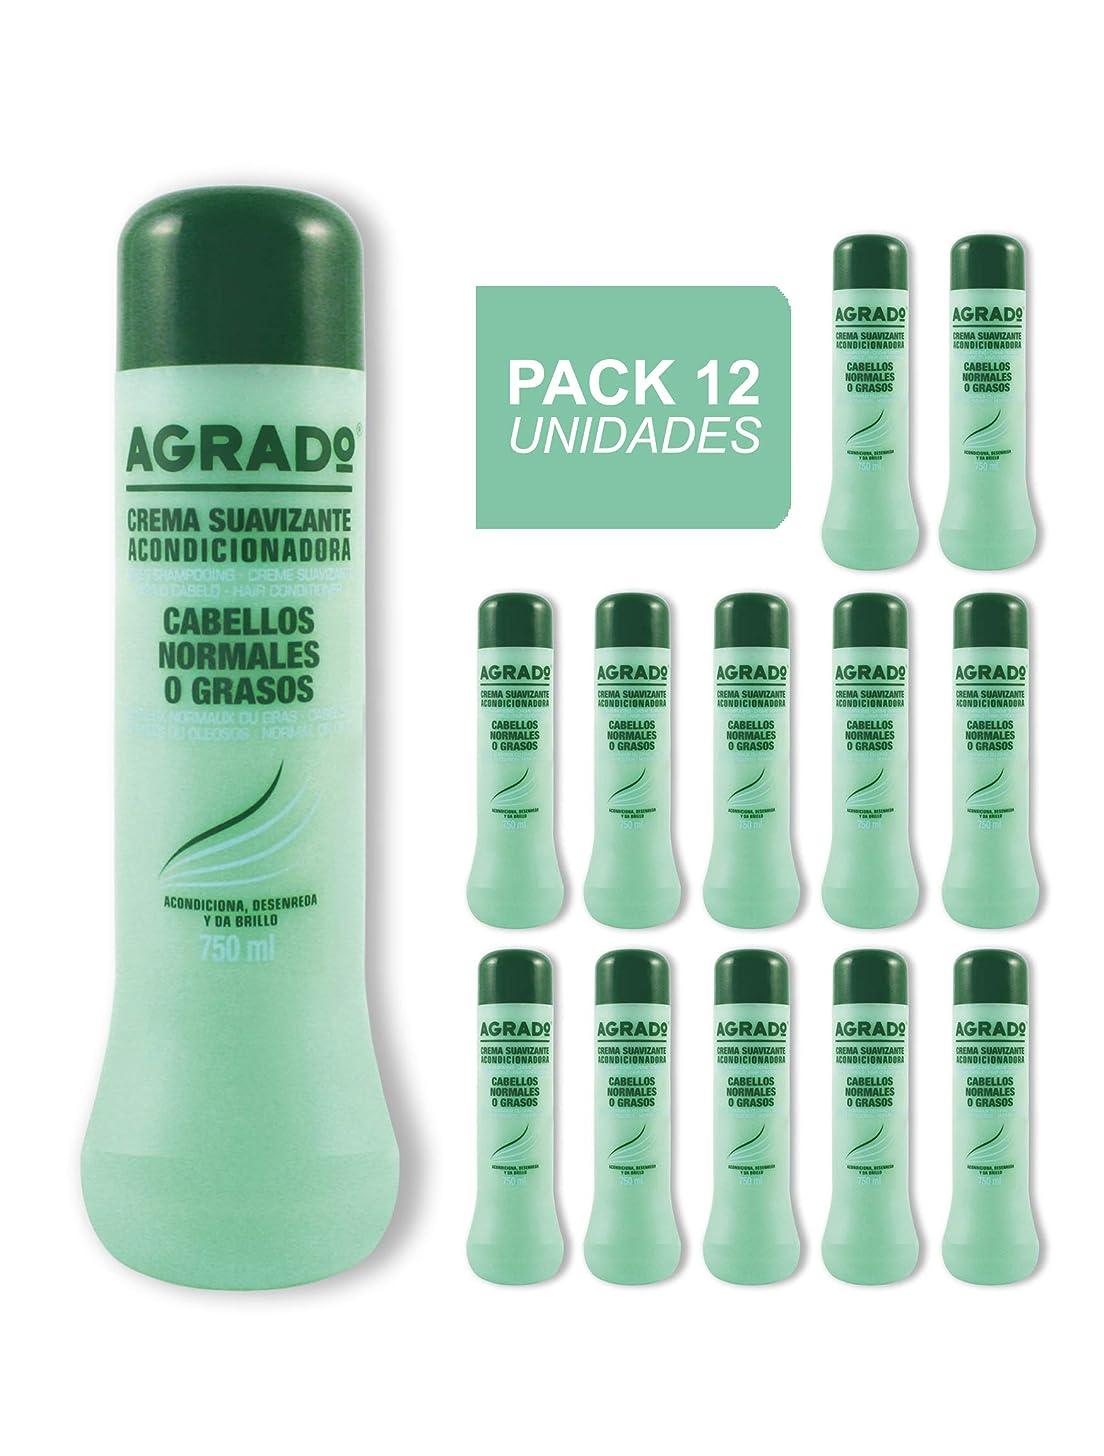 品種インサート一月childrenandヘアコンディショナー(普通の髪か脂肪)-750 ml。